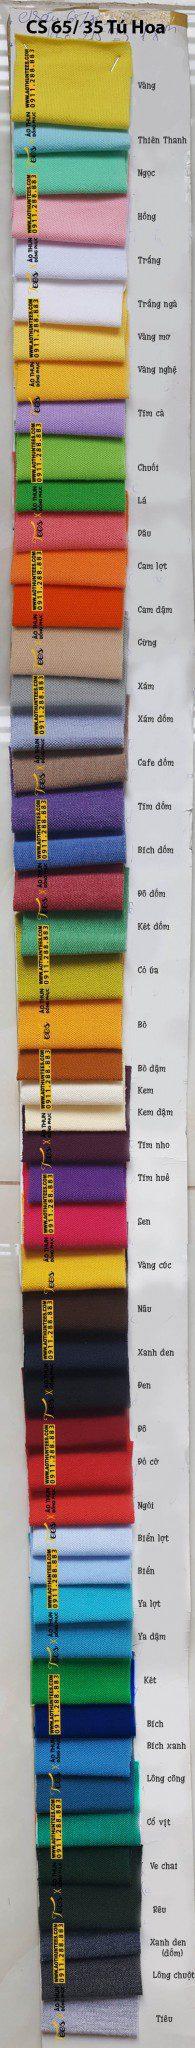 file thiet ke Tu Hoa - Bảng màu vải cá sấu 65/35 - 4 chiều (tốt)